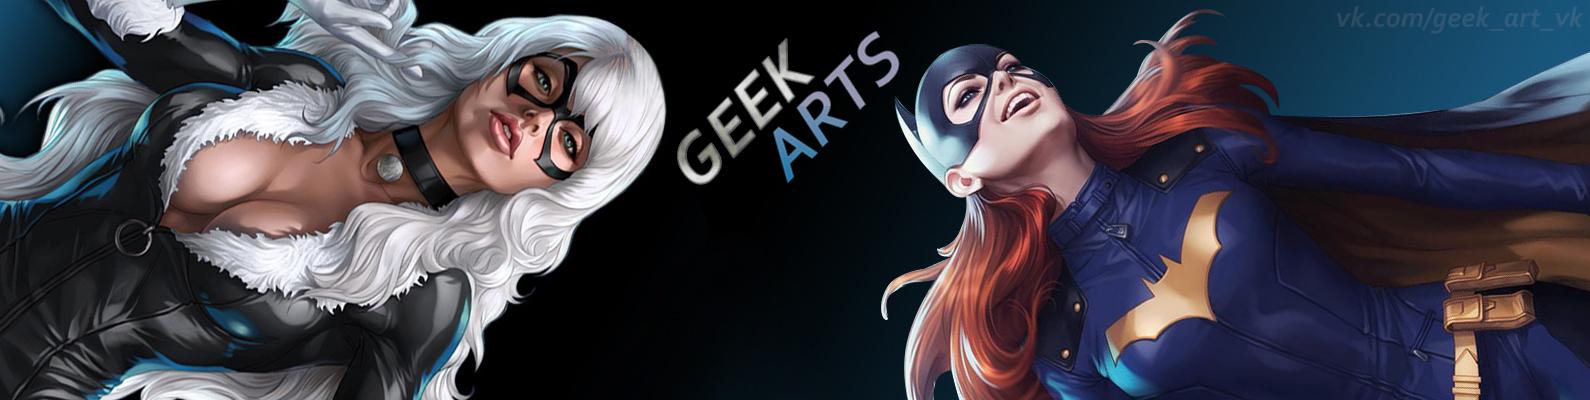 Geek Arts by lovegrudb